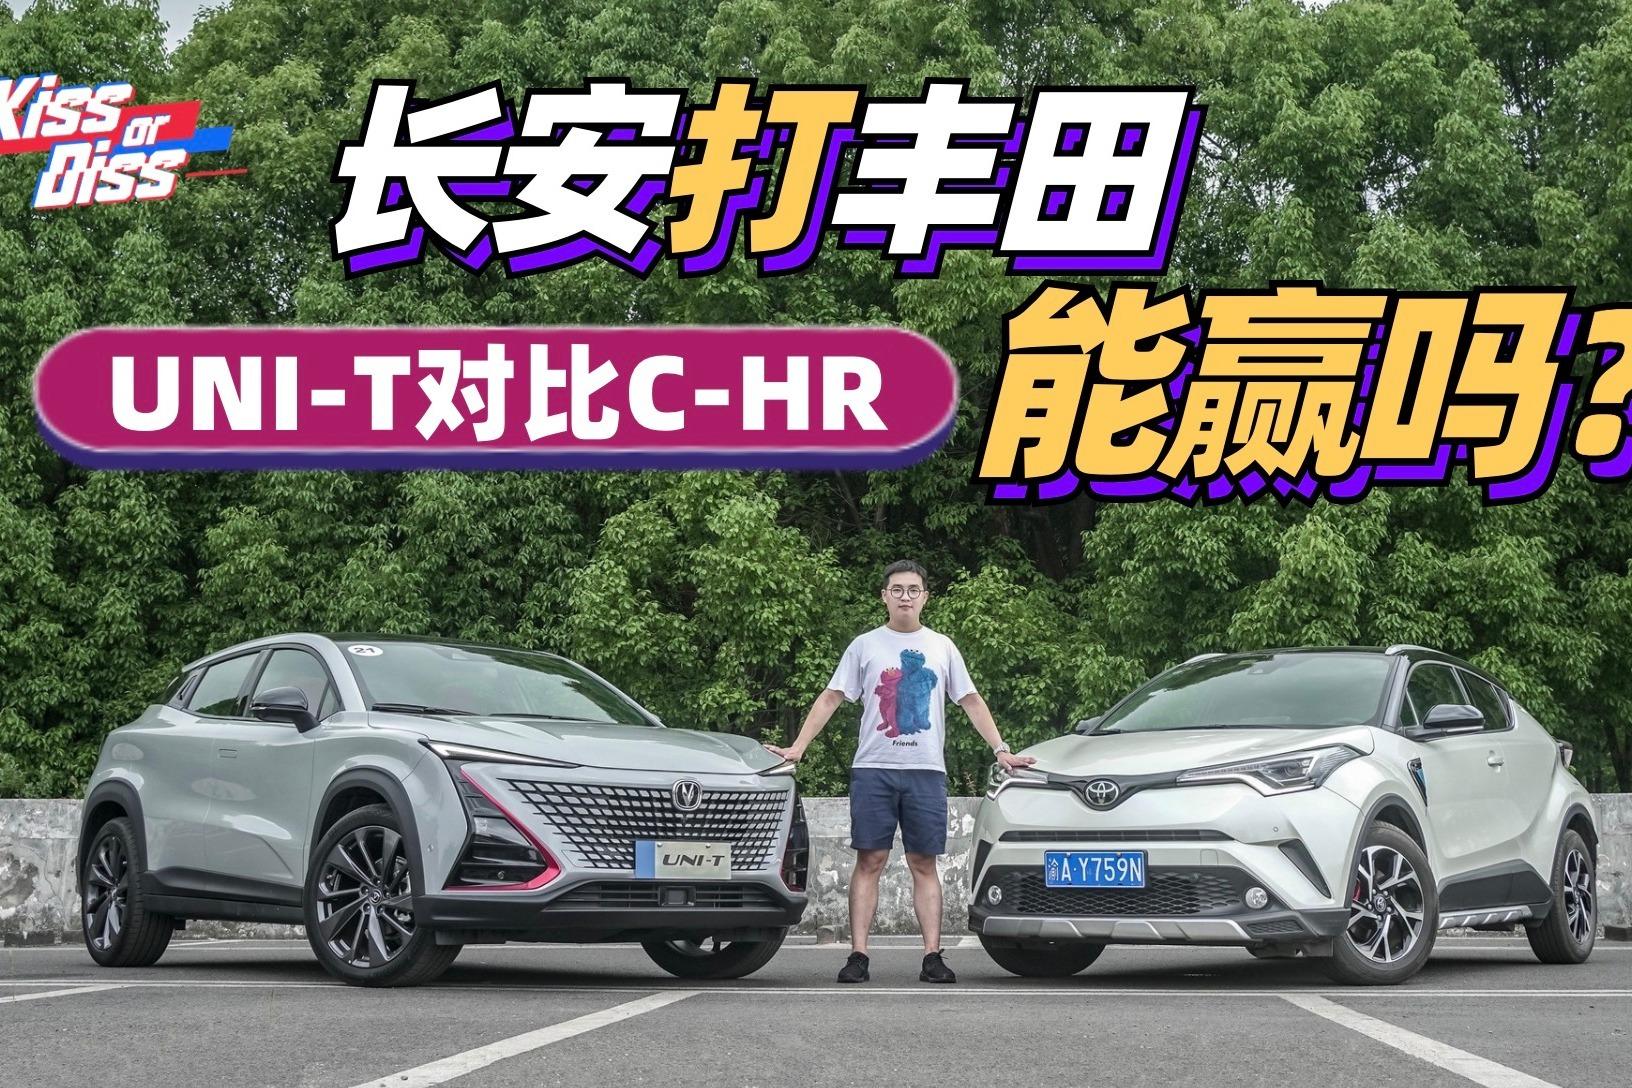 长安UNI-T对比丰田C-HR:正面硬刚合资车,中国品牌站起来了?